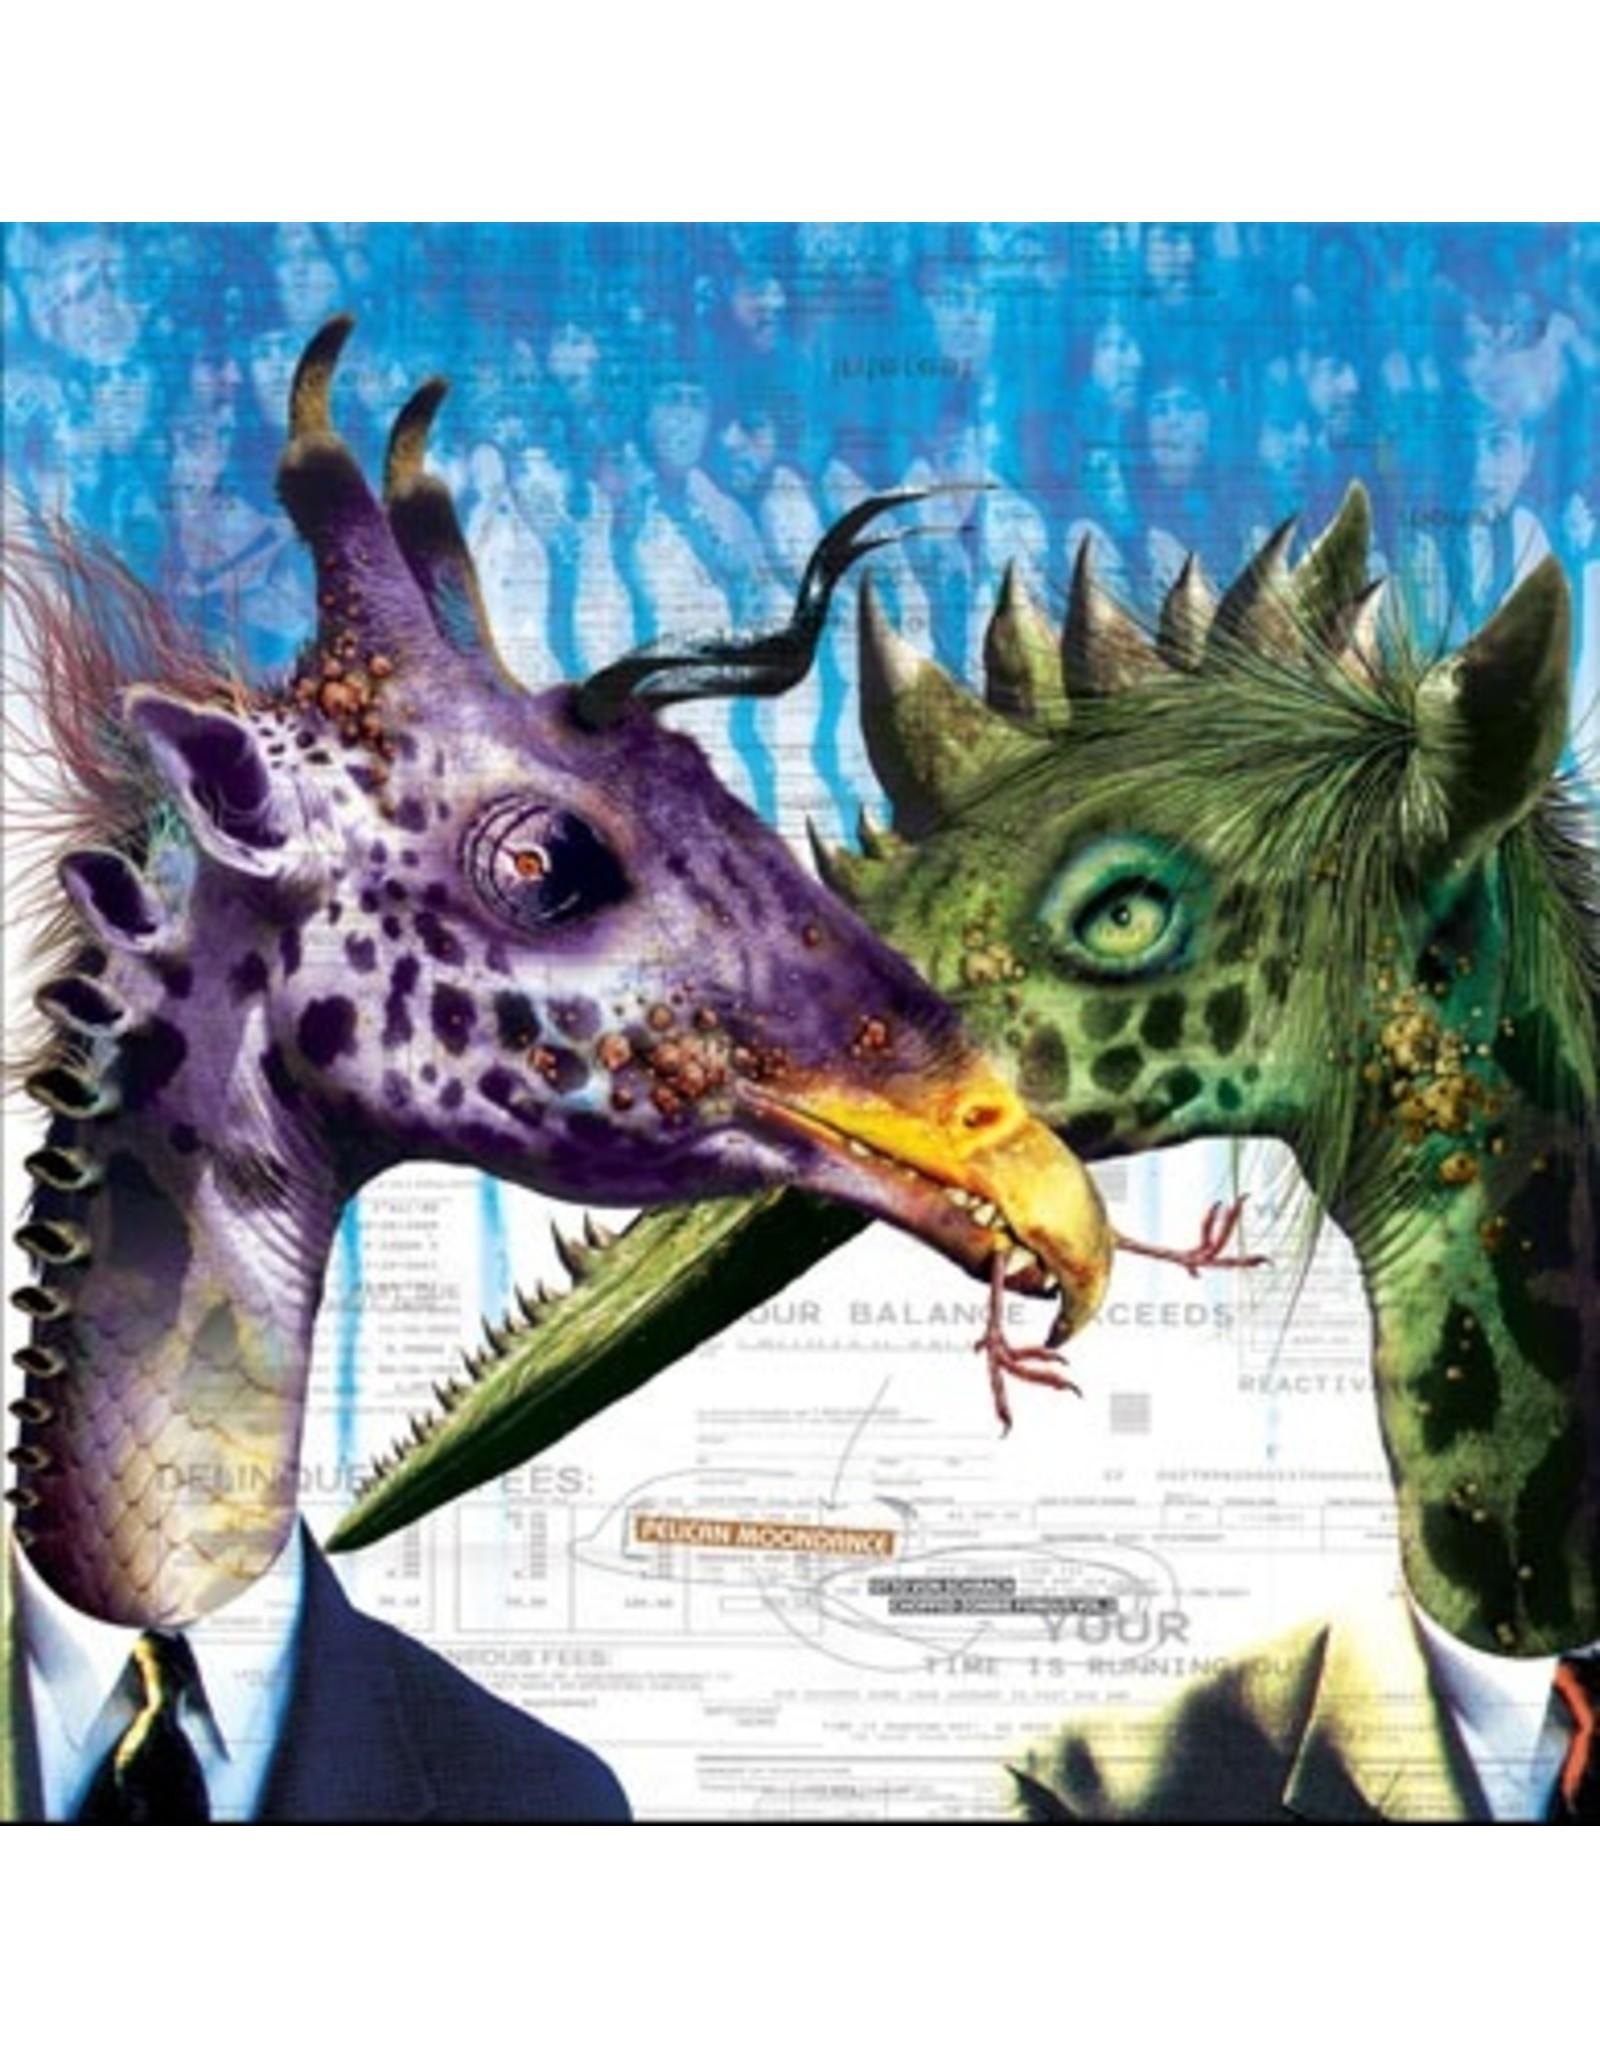 New Vinyl Otto Von Schirach - Pelican Moondance 12''